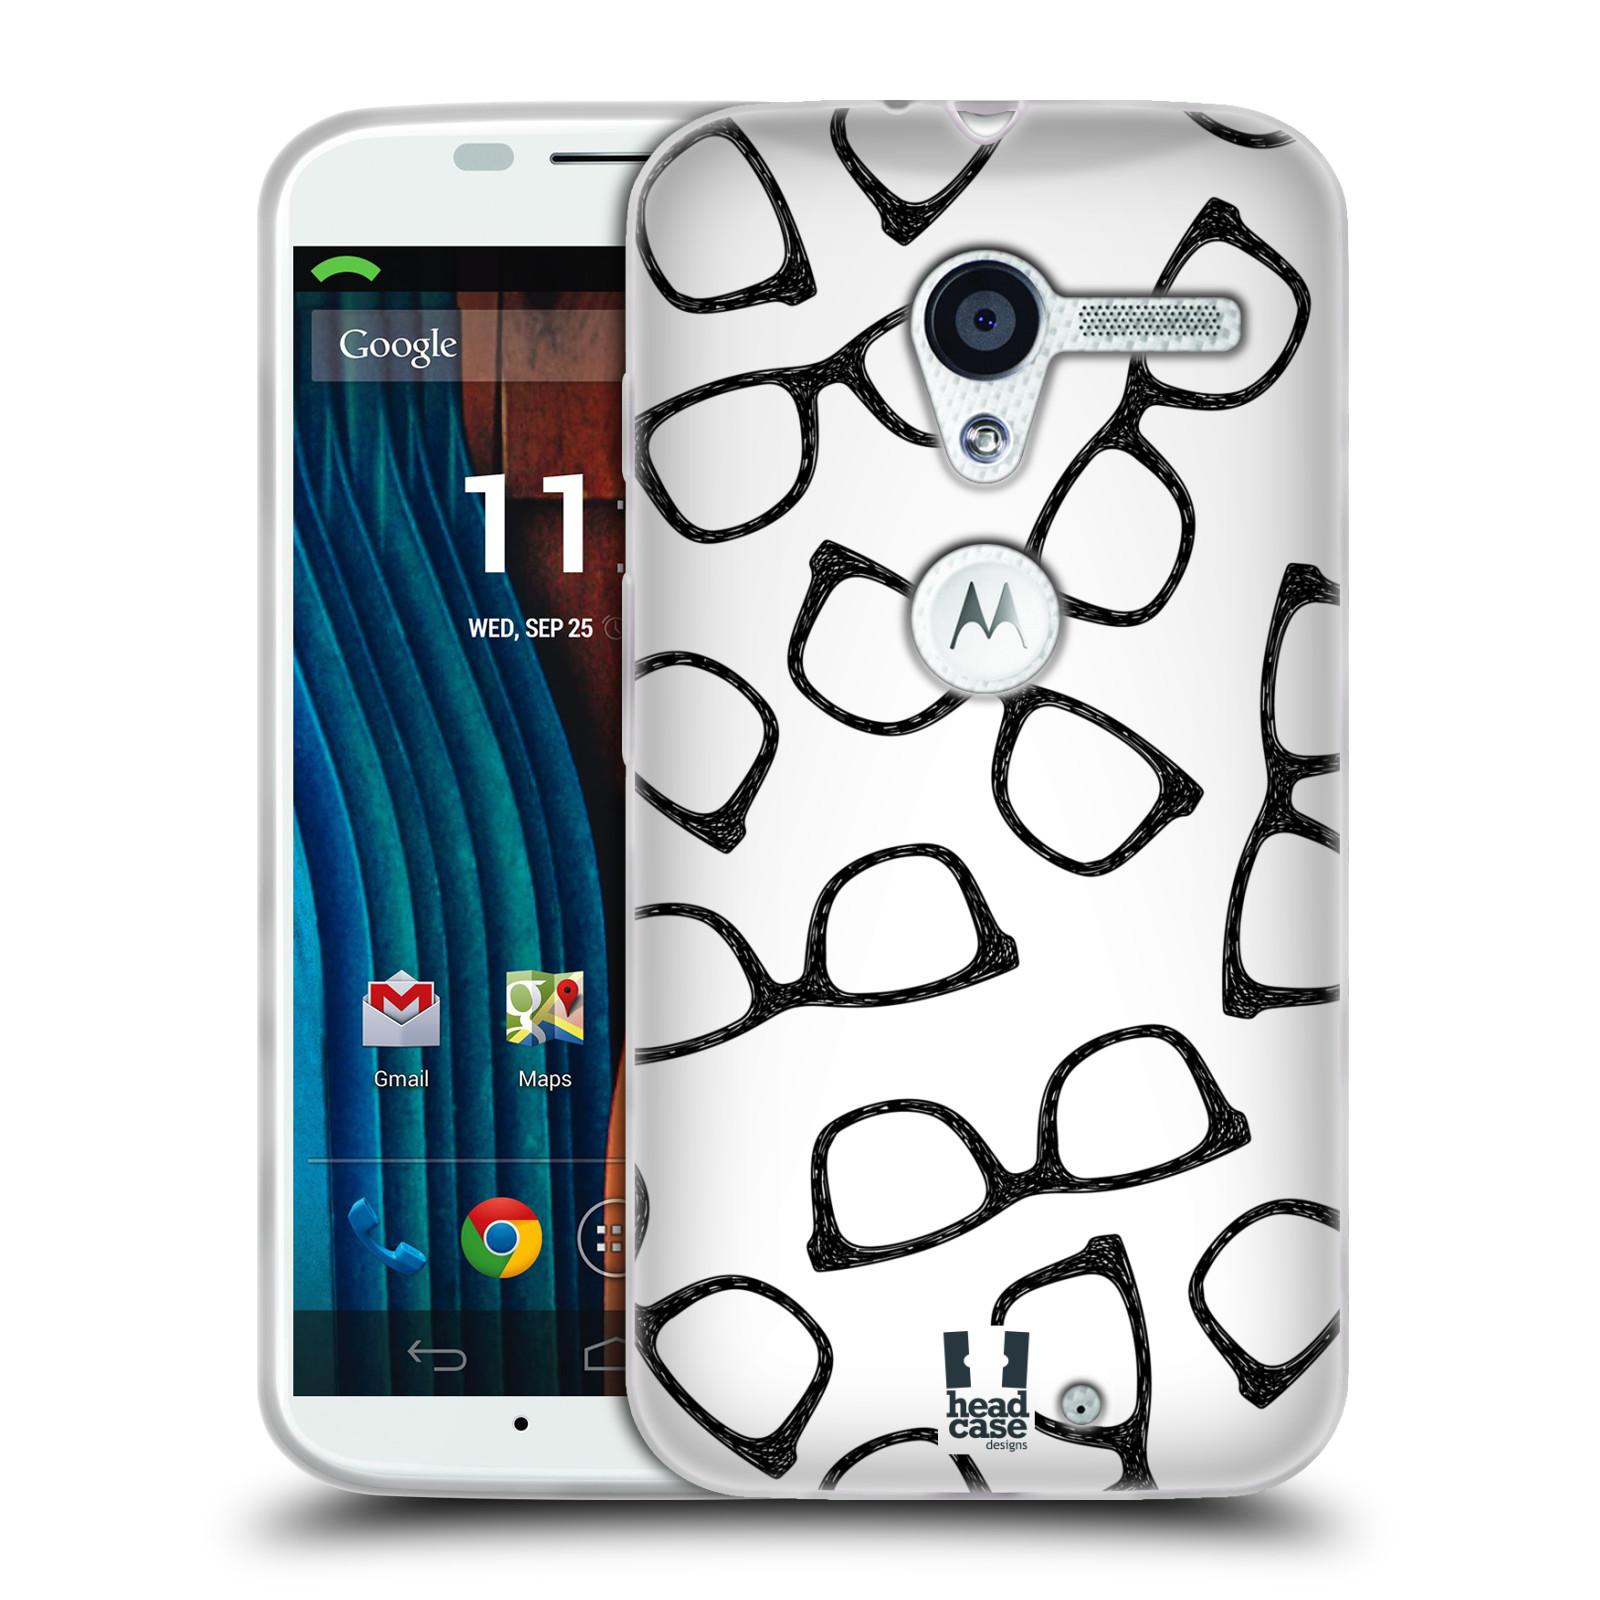 Silikonové pouzdro na mobil Motorola Moto X HEAD CASE HIPSTER BRÝLE (Silikonový kryt či obal na mobilní telefon Motorola Moto X)